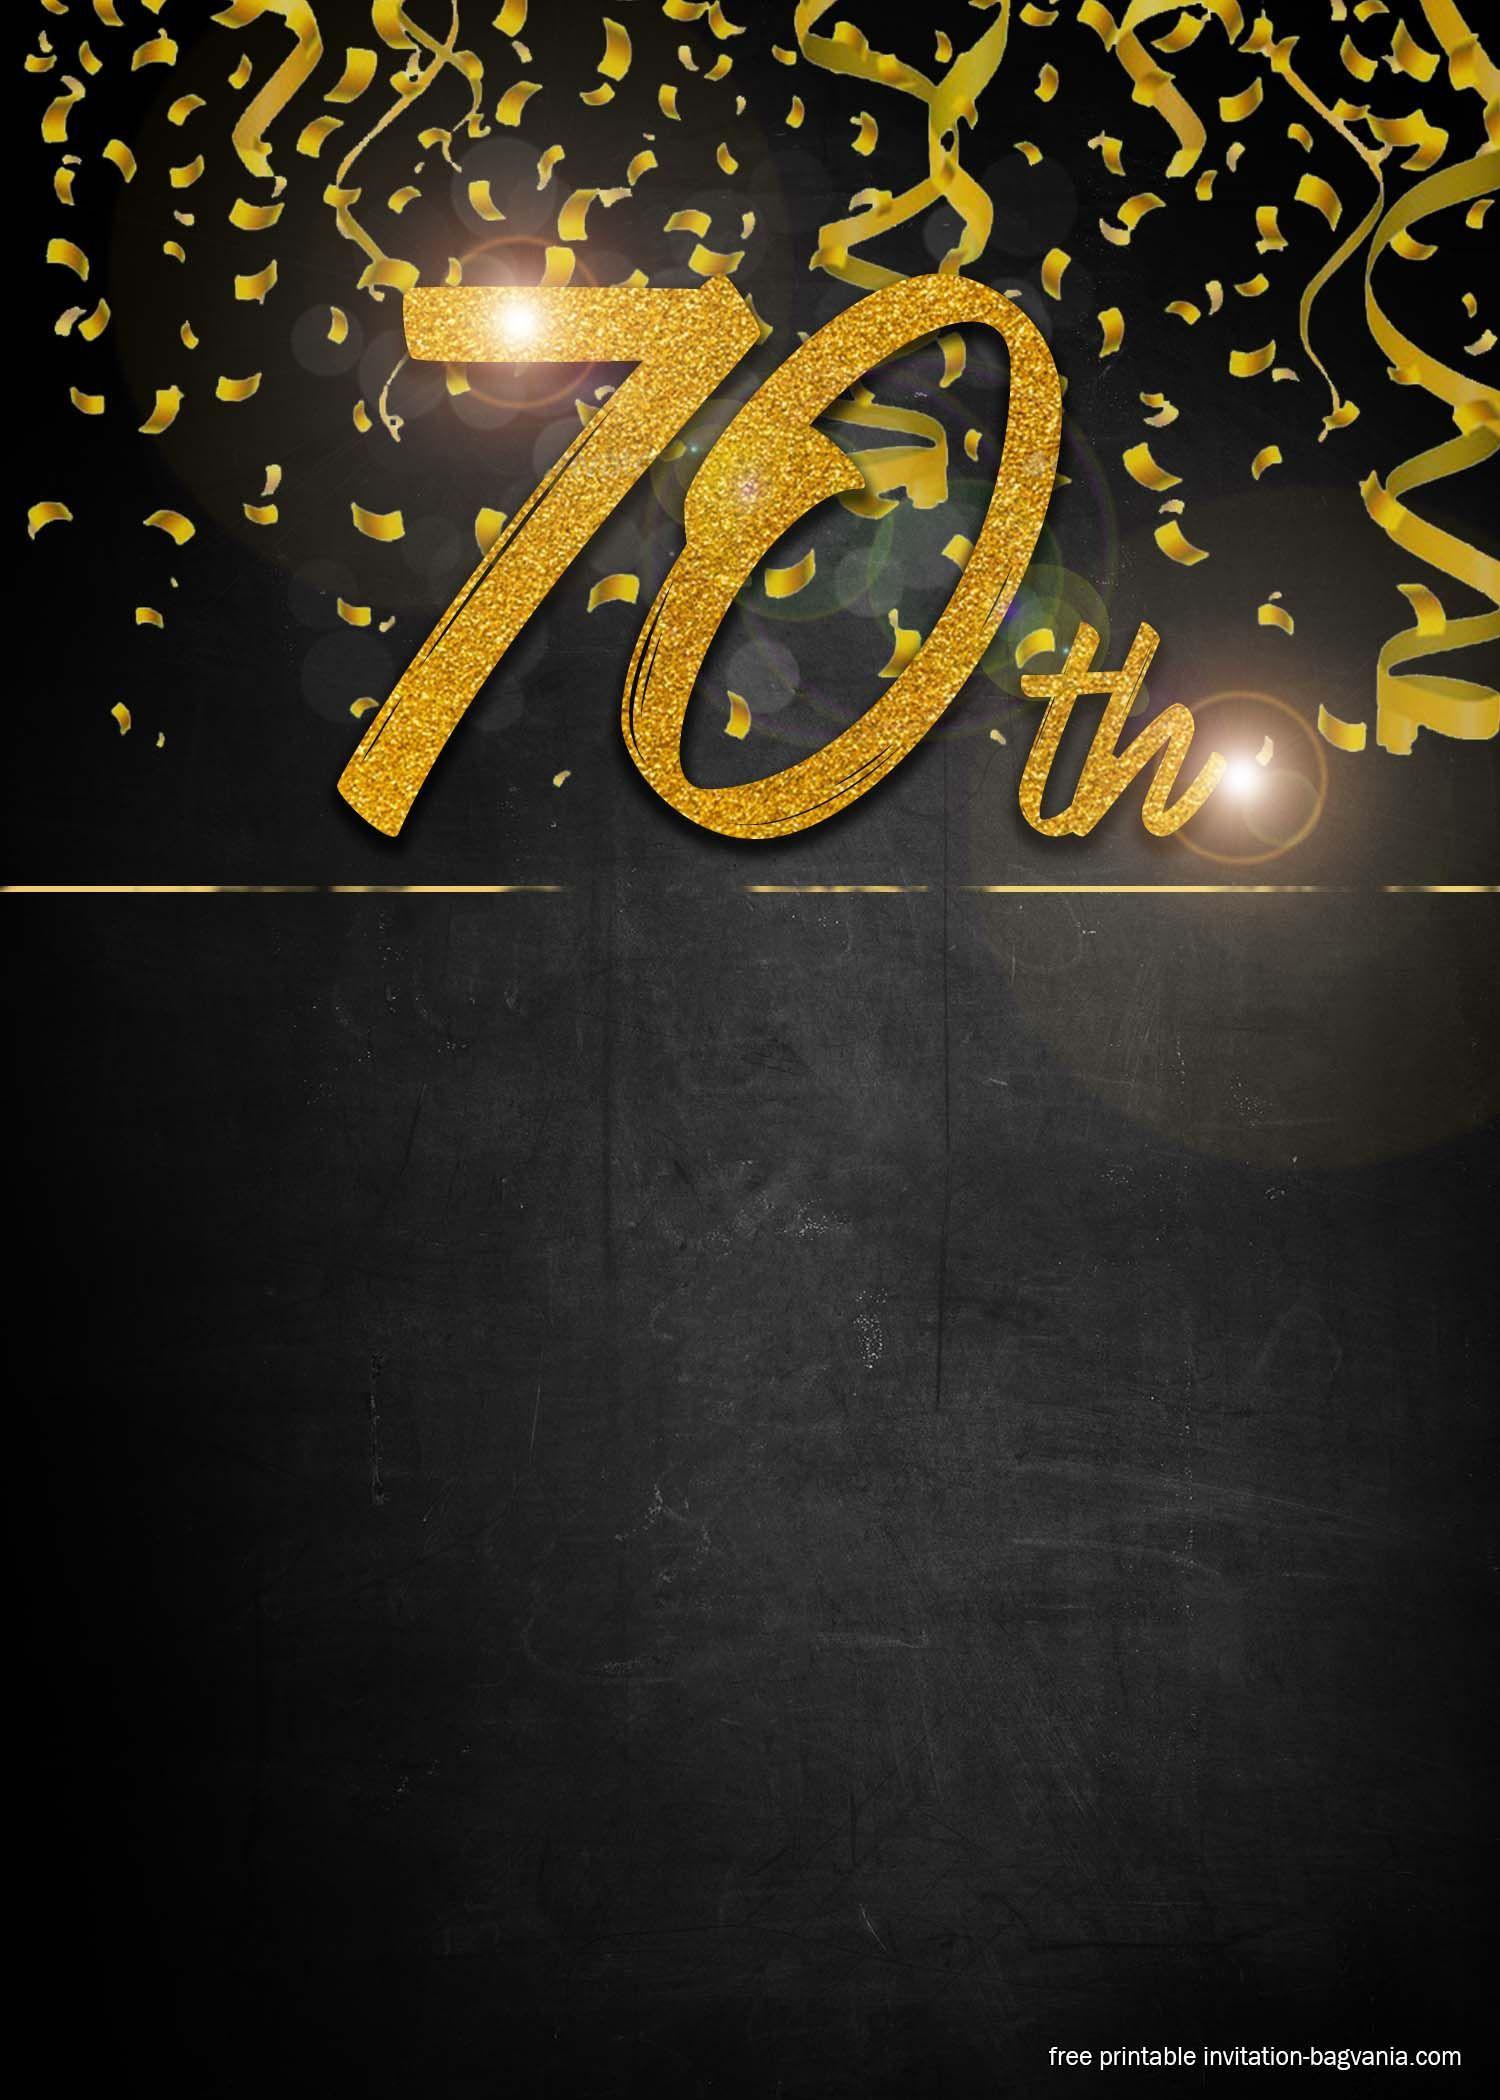 002 Unique 70th Birthday Invitation Template Free Image  Surprise Invite With PhotoFull